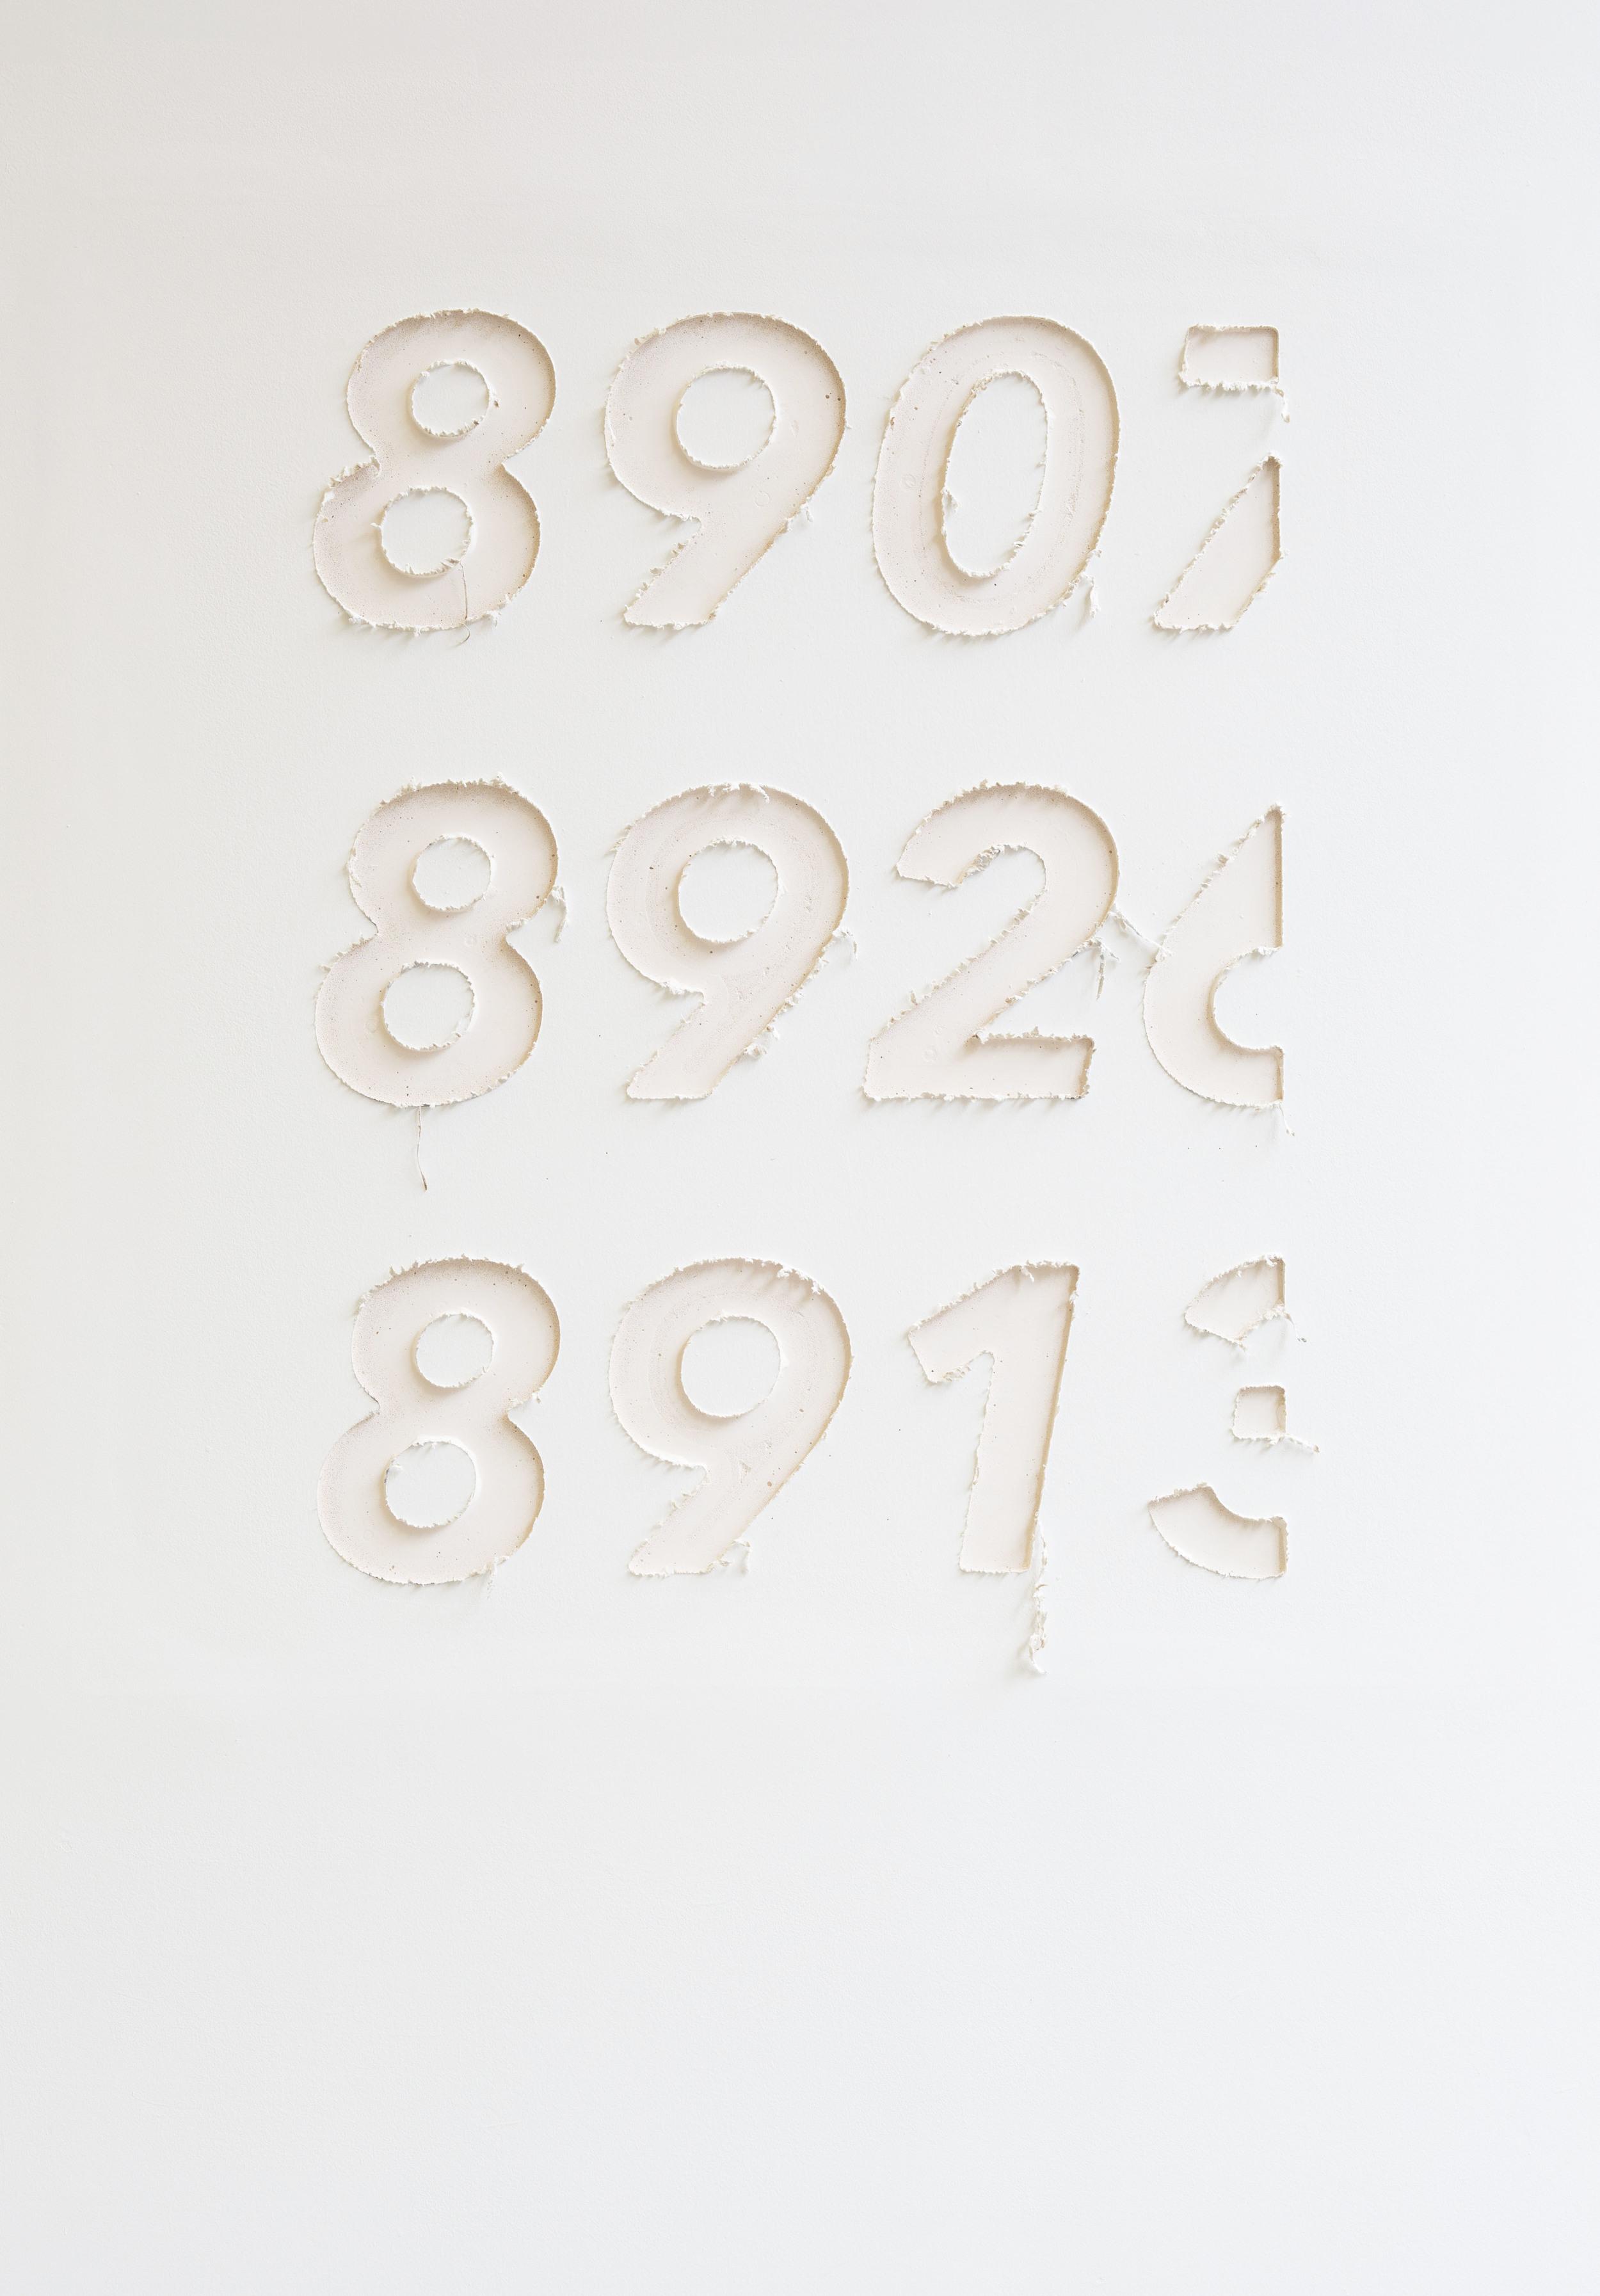 8907.jpg